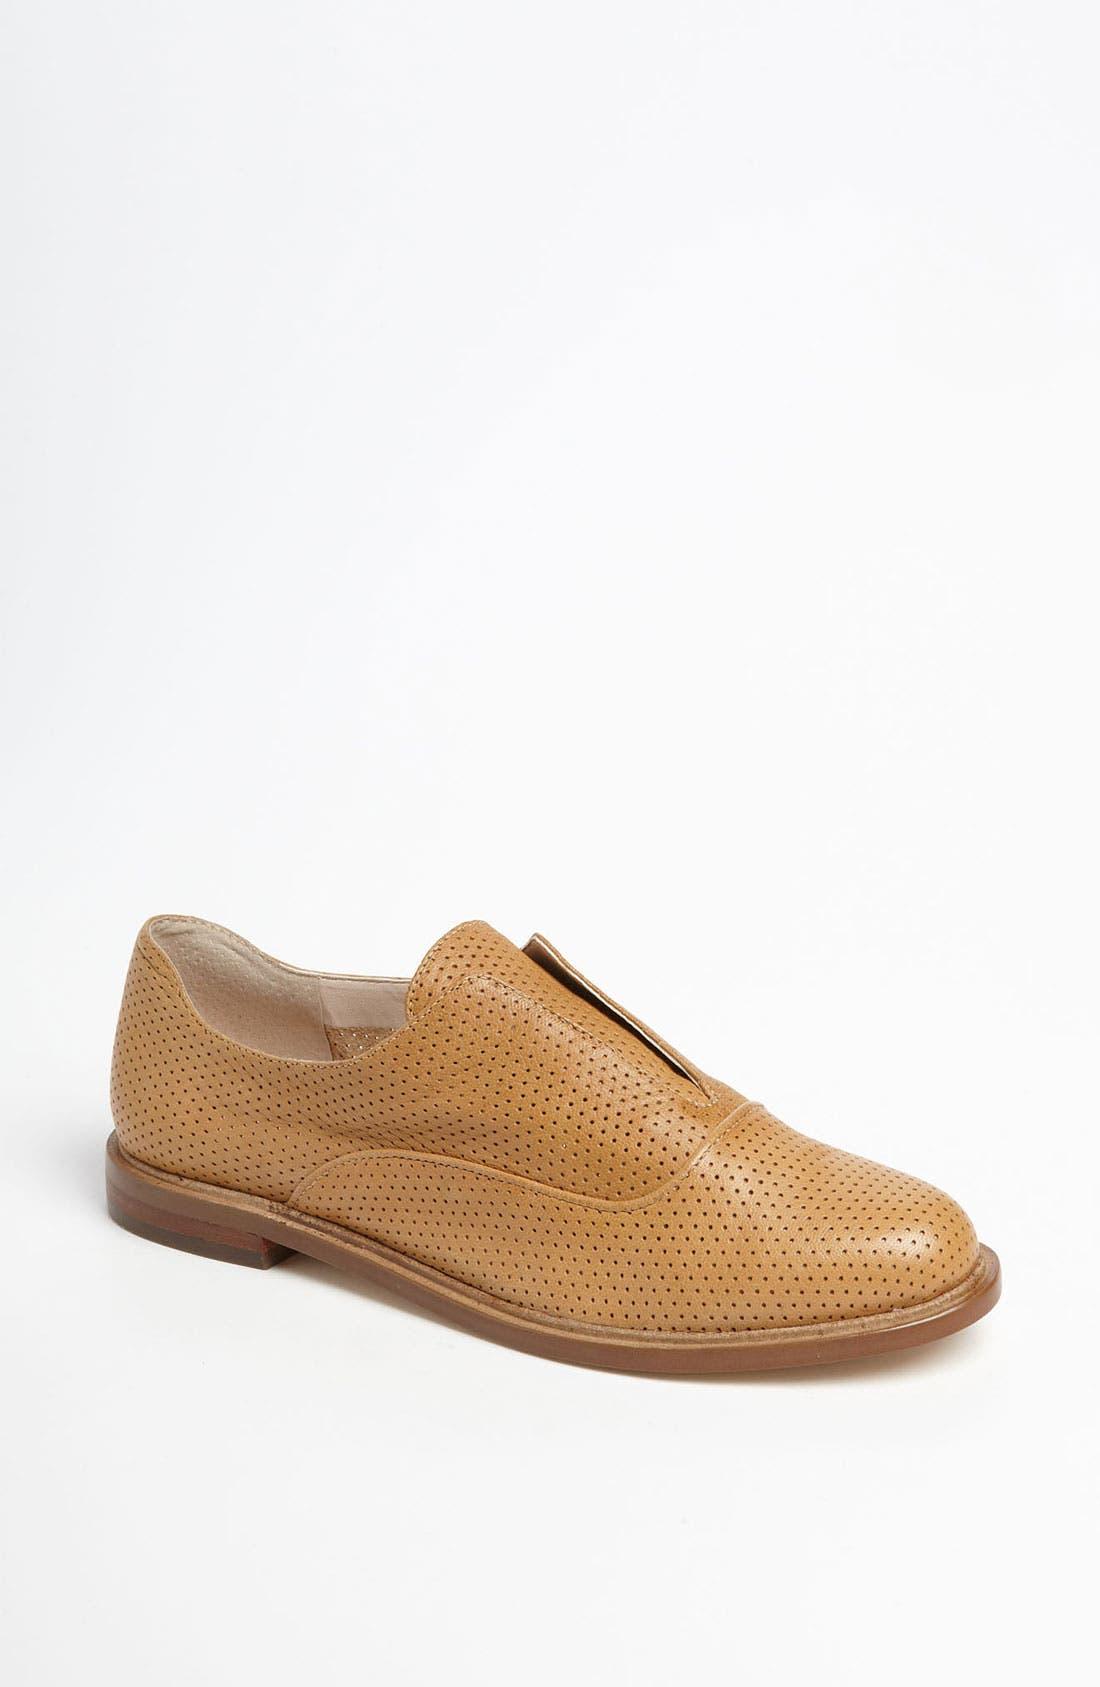 Main Image - BCBGeneration 'Brisk' Loafer